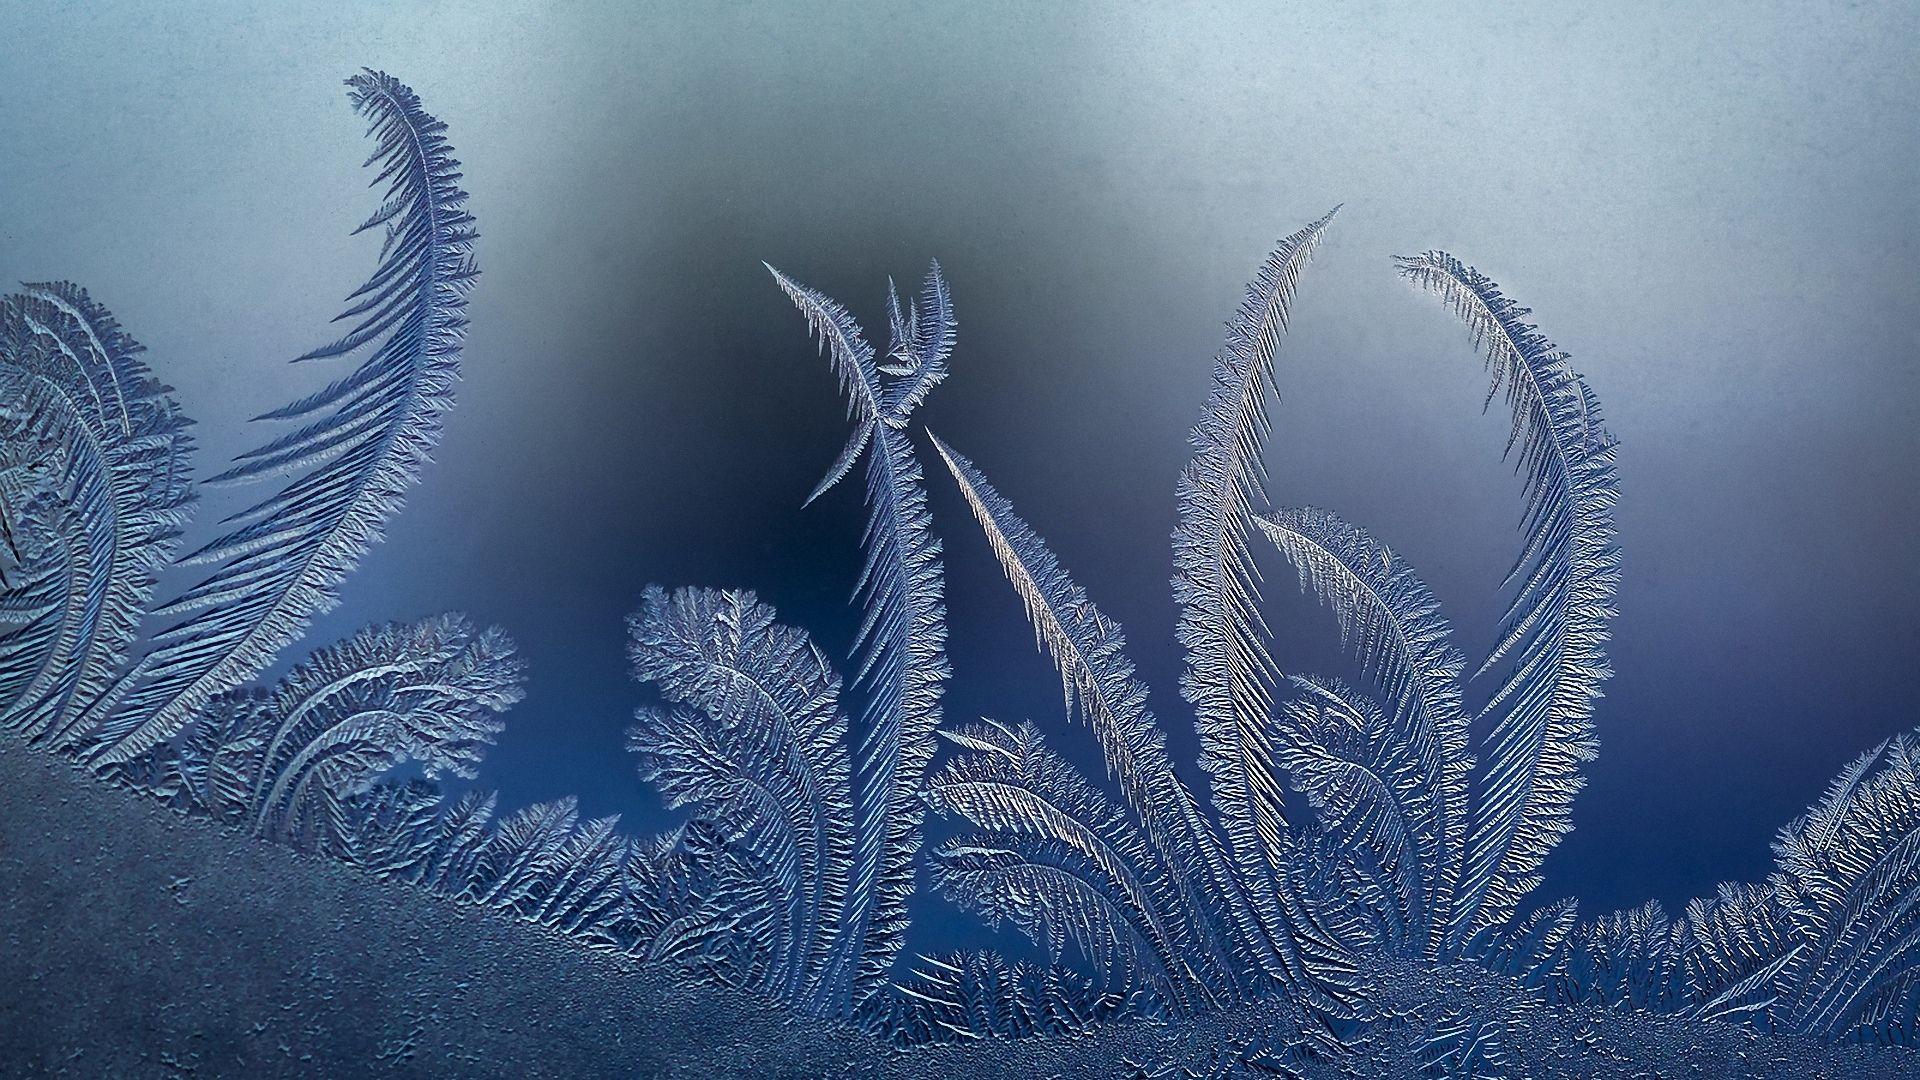 Winter Patterns On The Window HD Wallpaper